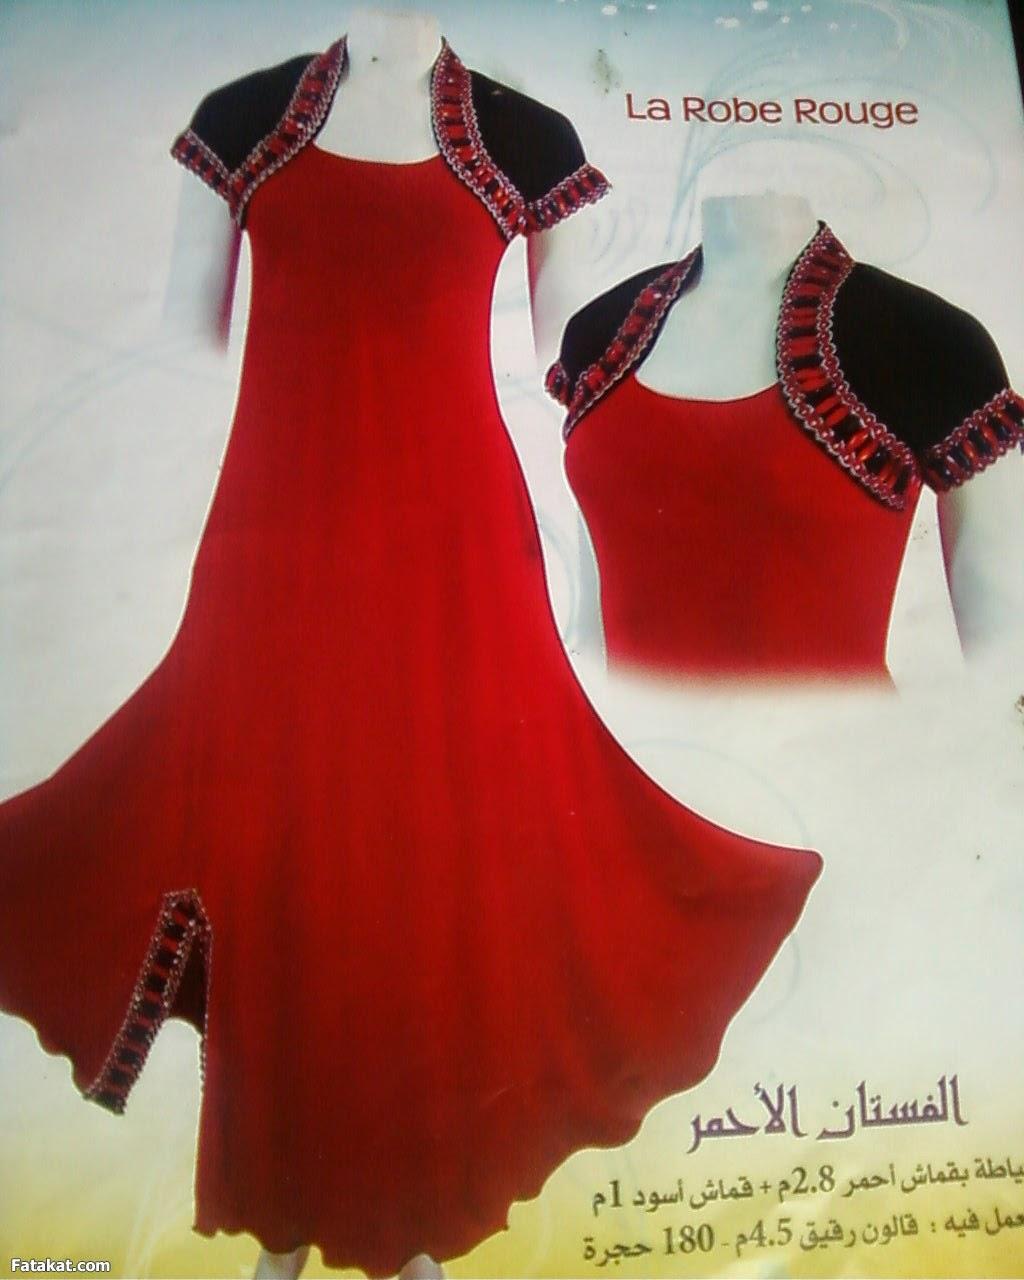 بالصور بدعيات صيفية وهرانية , احدث موديلات ملابس صيفيه 2139 1